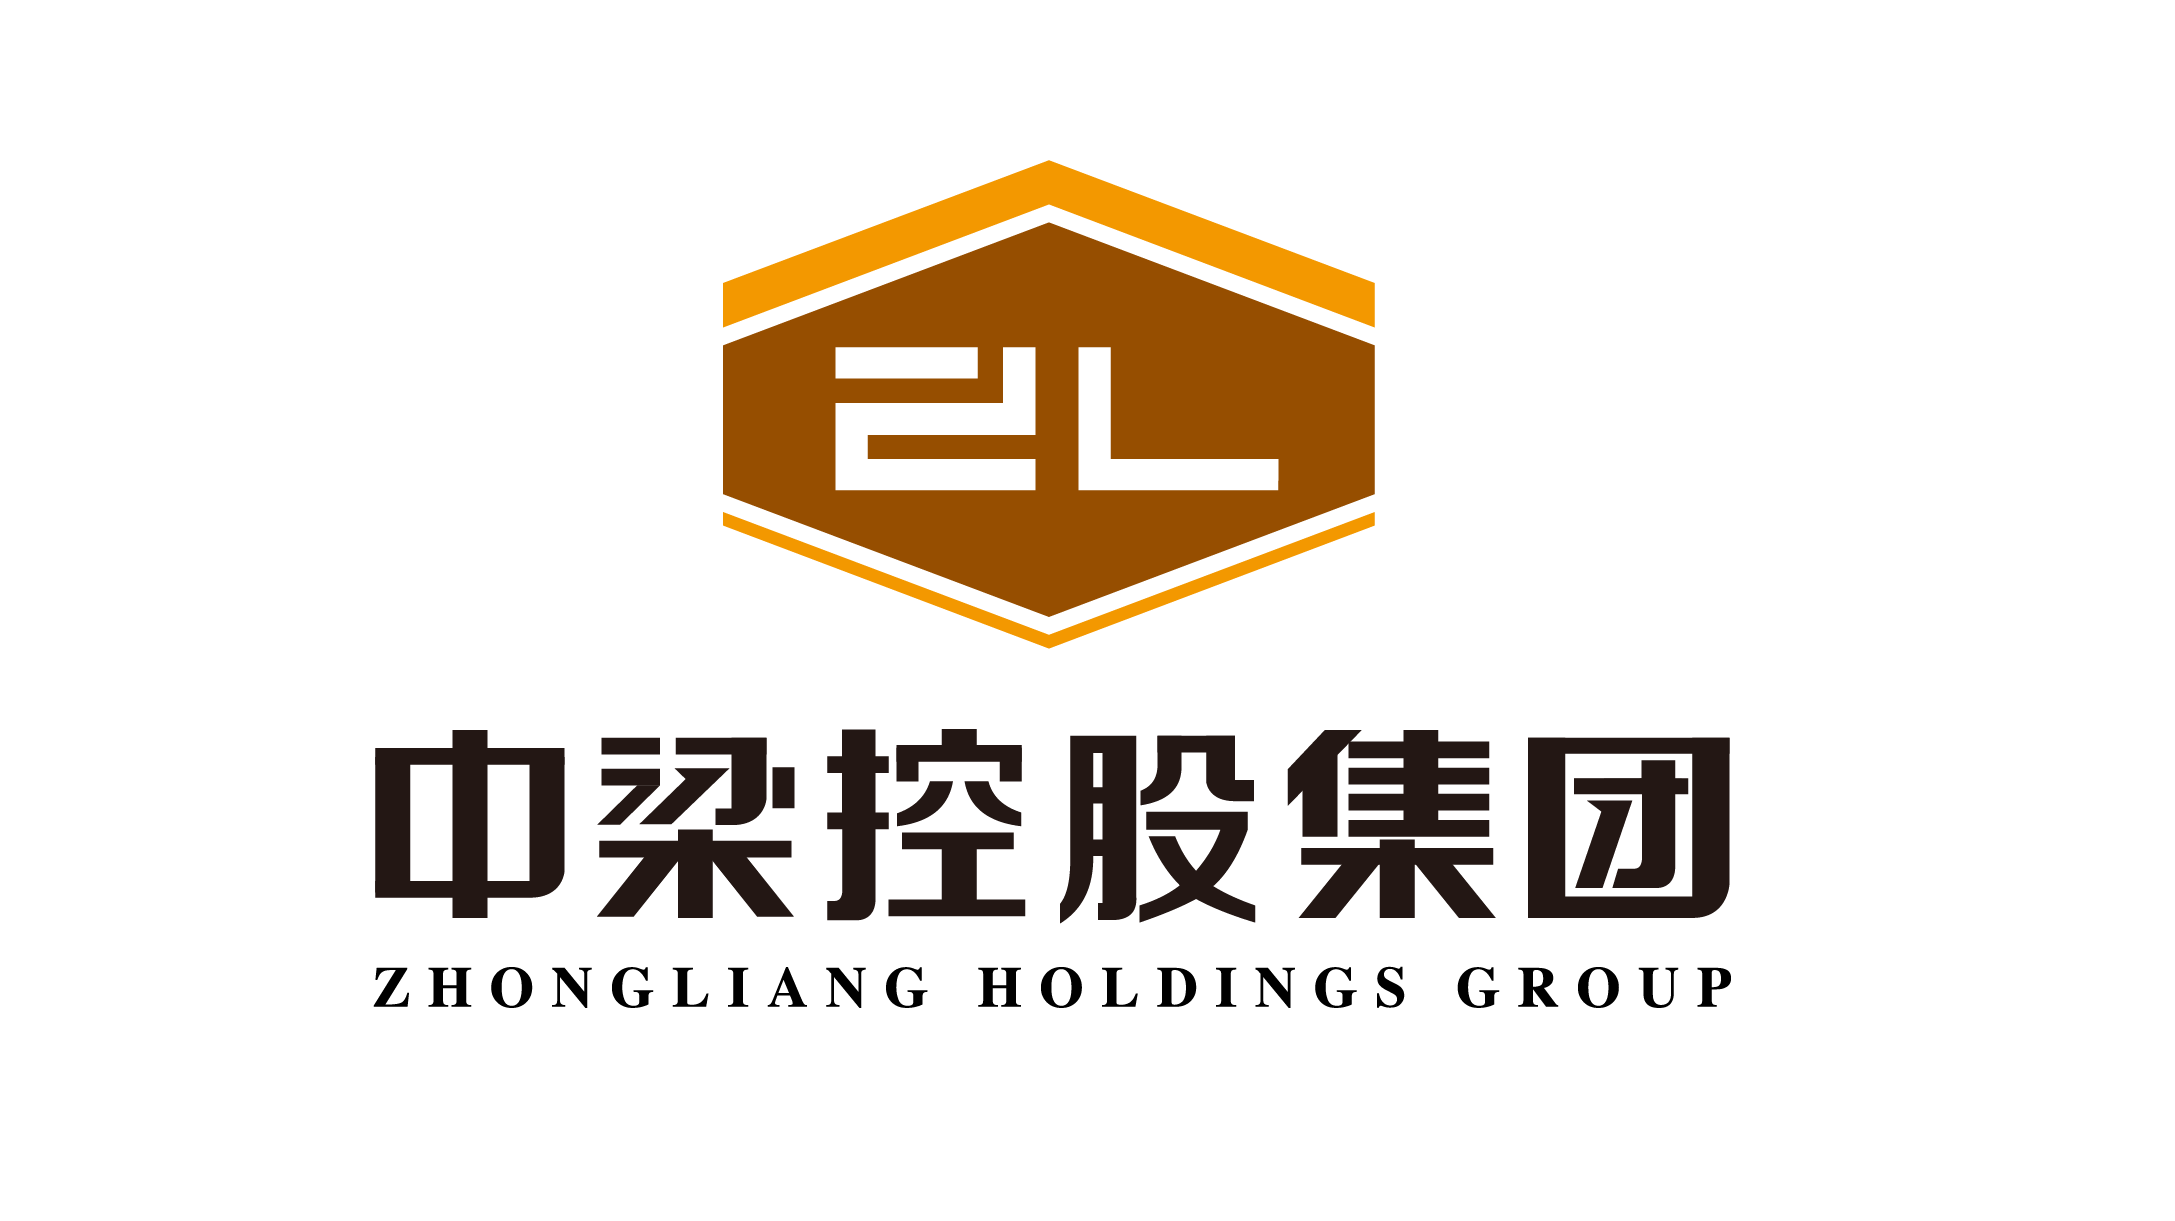 中梁控股集团